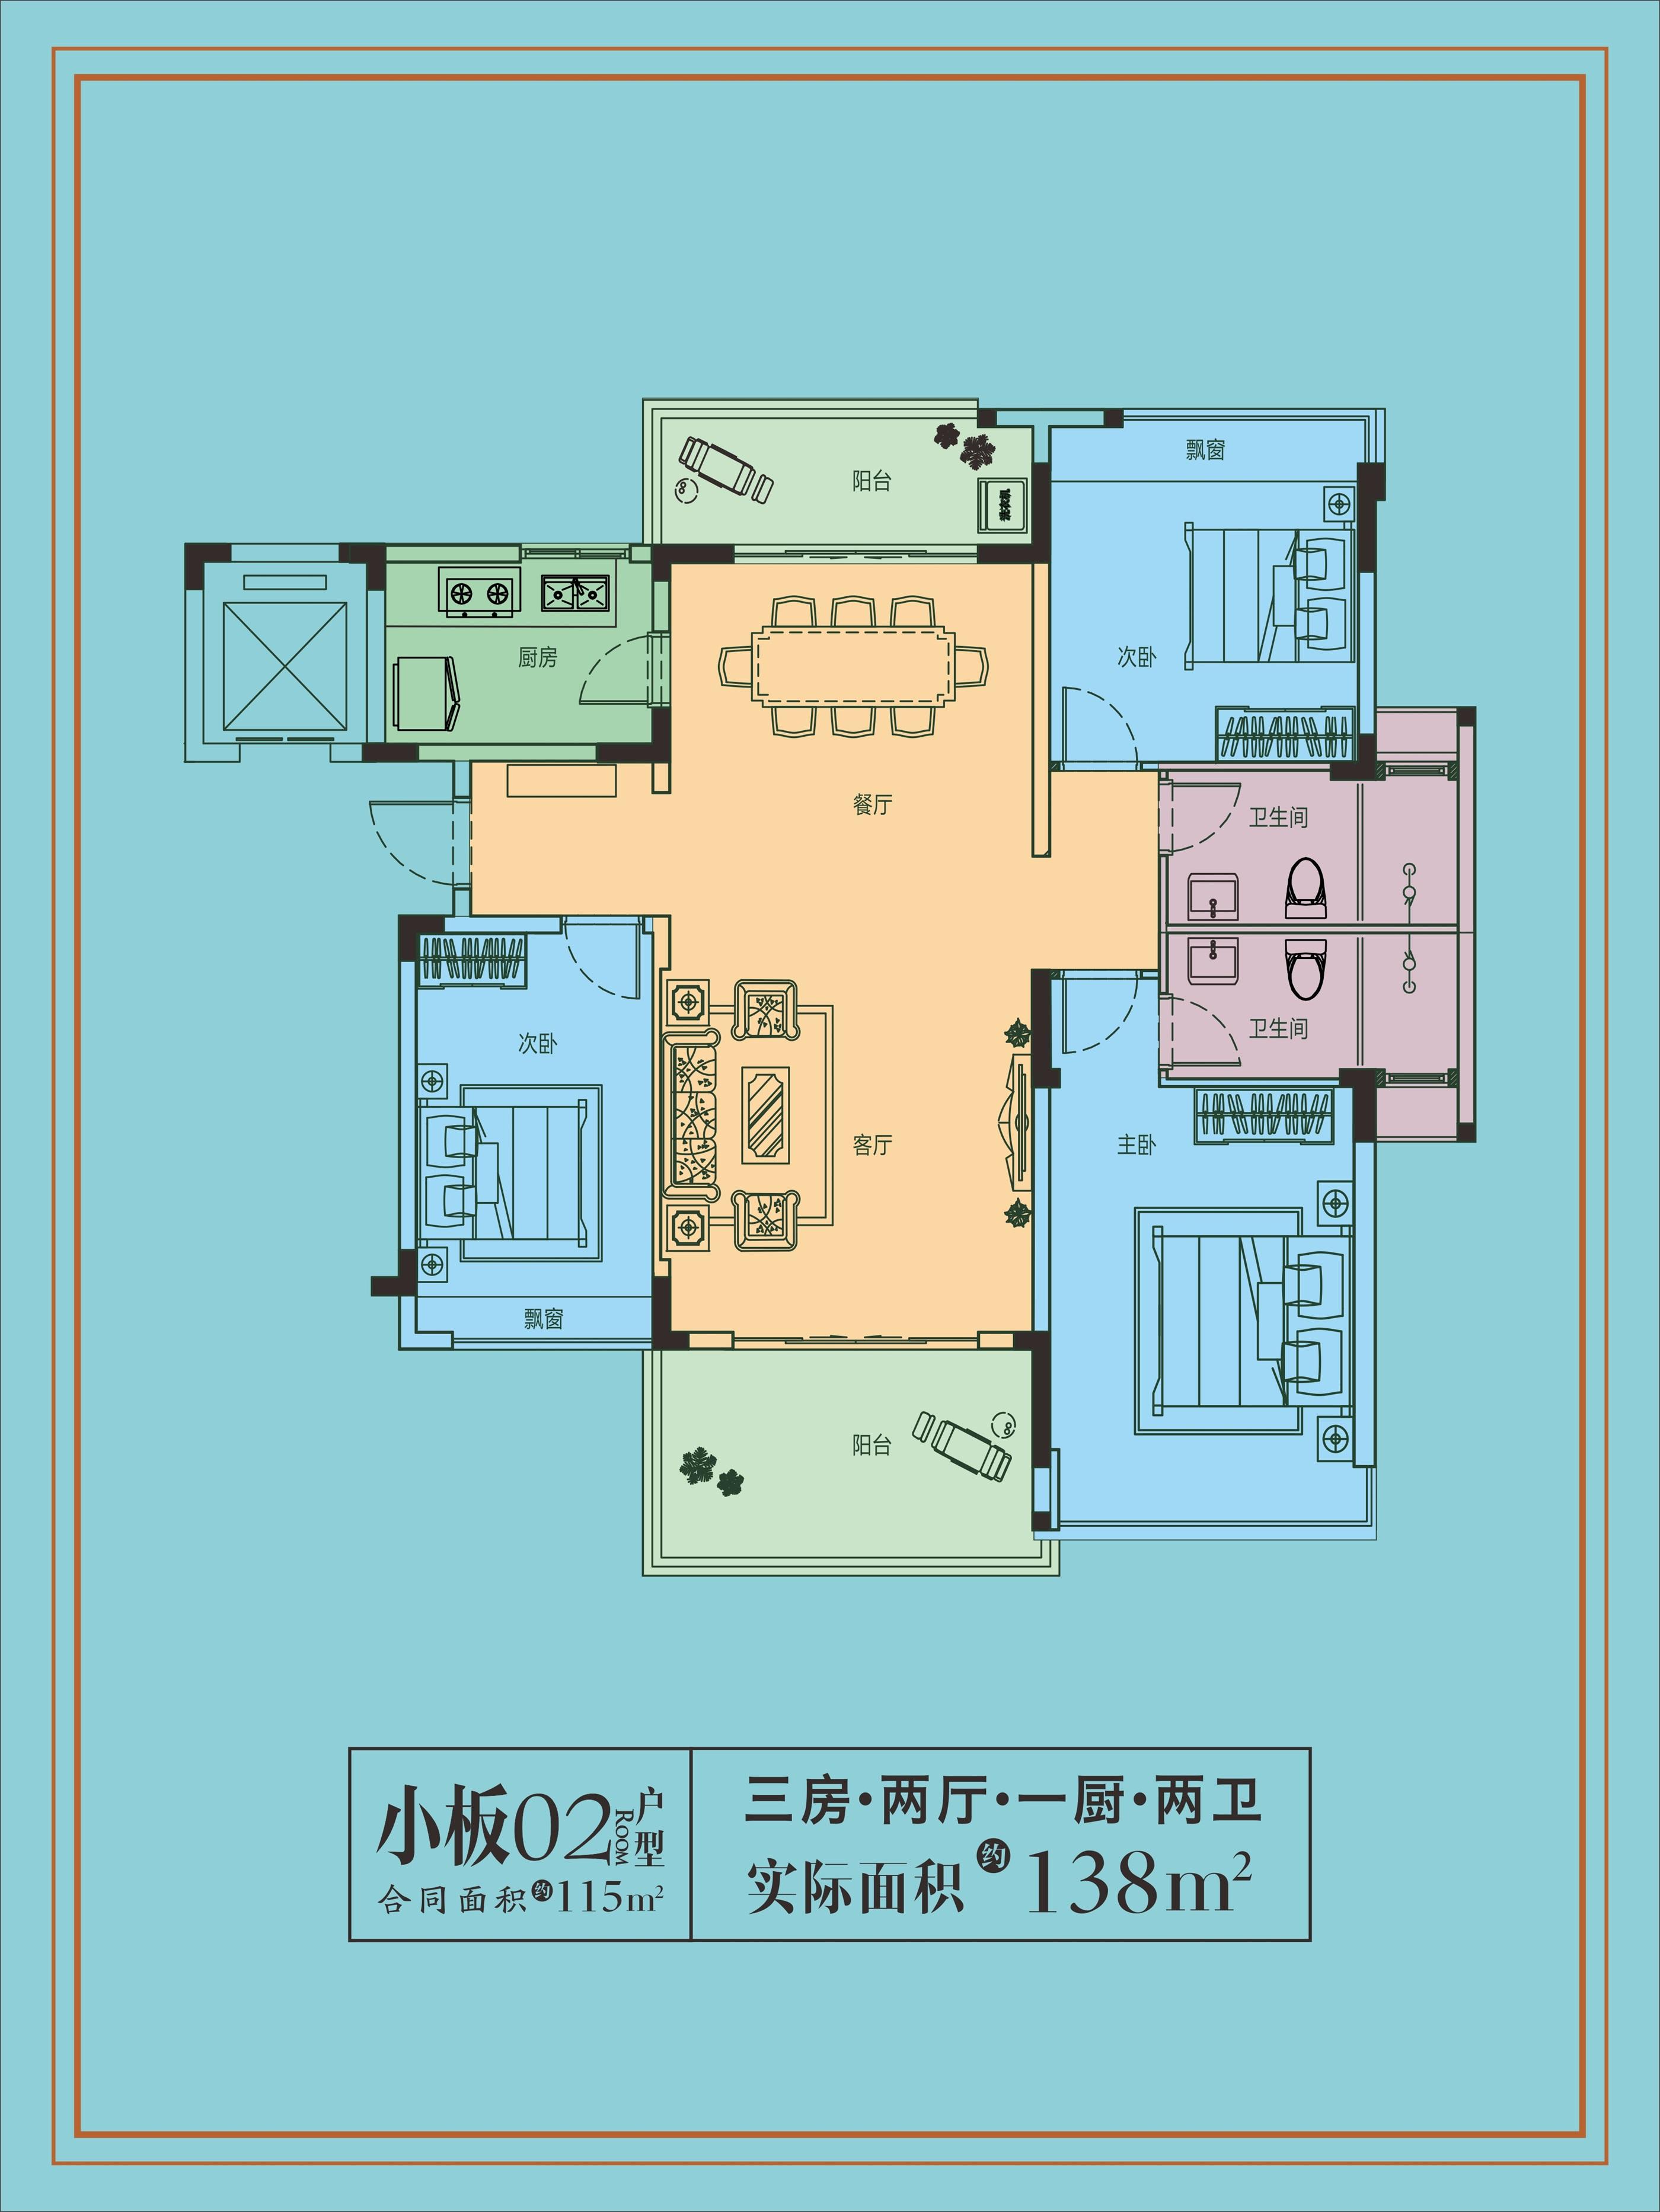 小板02戶型 3房2廳1廚2衛 實際面積138㎡